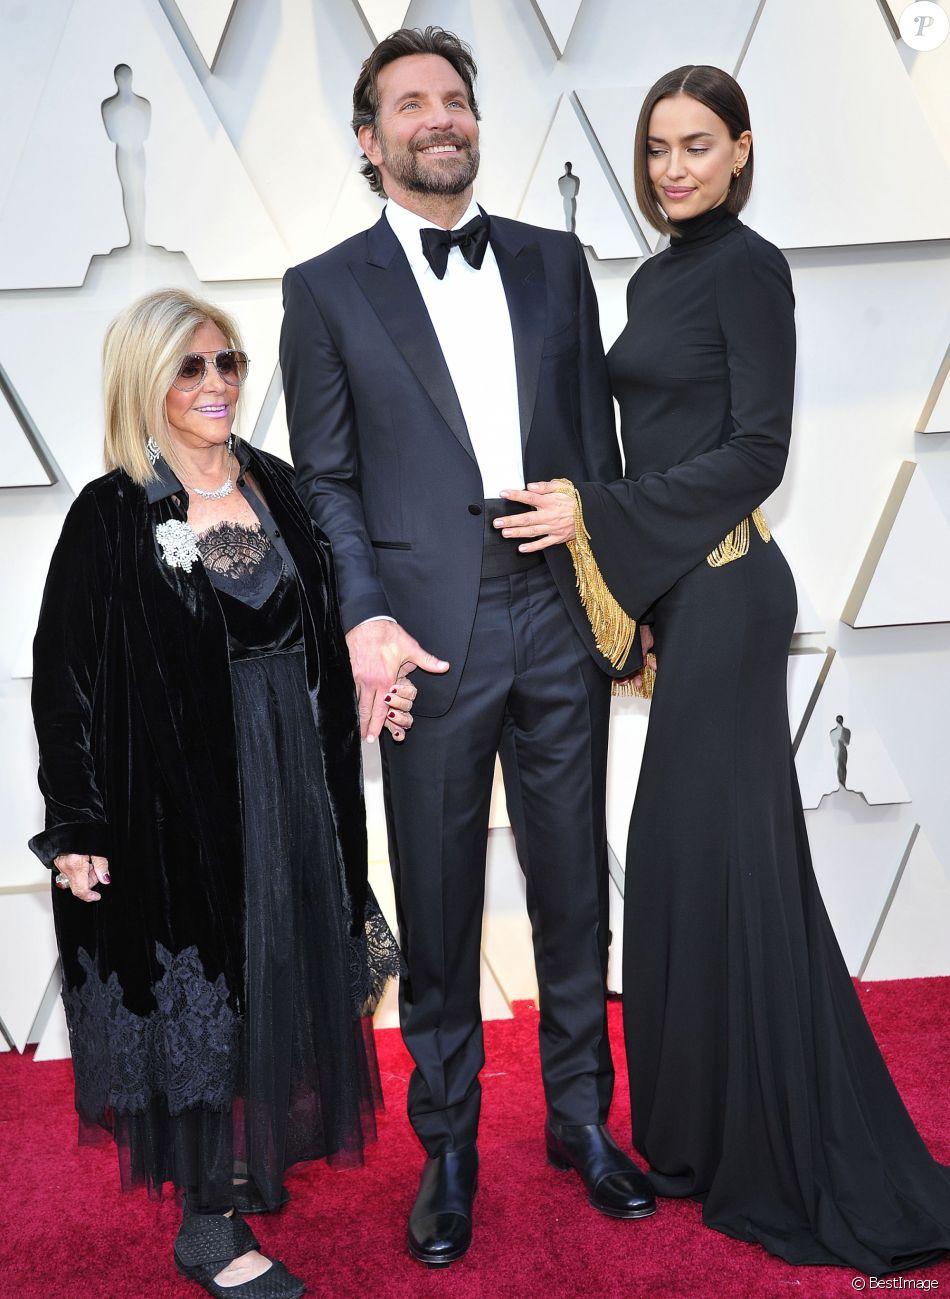 Bradley Cooper entre sa mère Gloria Campano et sa compagne Irina Shayk lors du photocall des arrivées de la 91ème cérémonie des Oscars 2019 au théâtre Dolby à Hollywood, Los Angeles, Californie, Etats-Unis, le 24 février 2019.  Celebs attending the 91st Annual Academy Awards at Dolby theater in Hollywood, Los Angeles, CA, USA, on February 24, 2019.24/02/2019 - Los Angeles